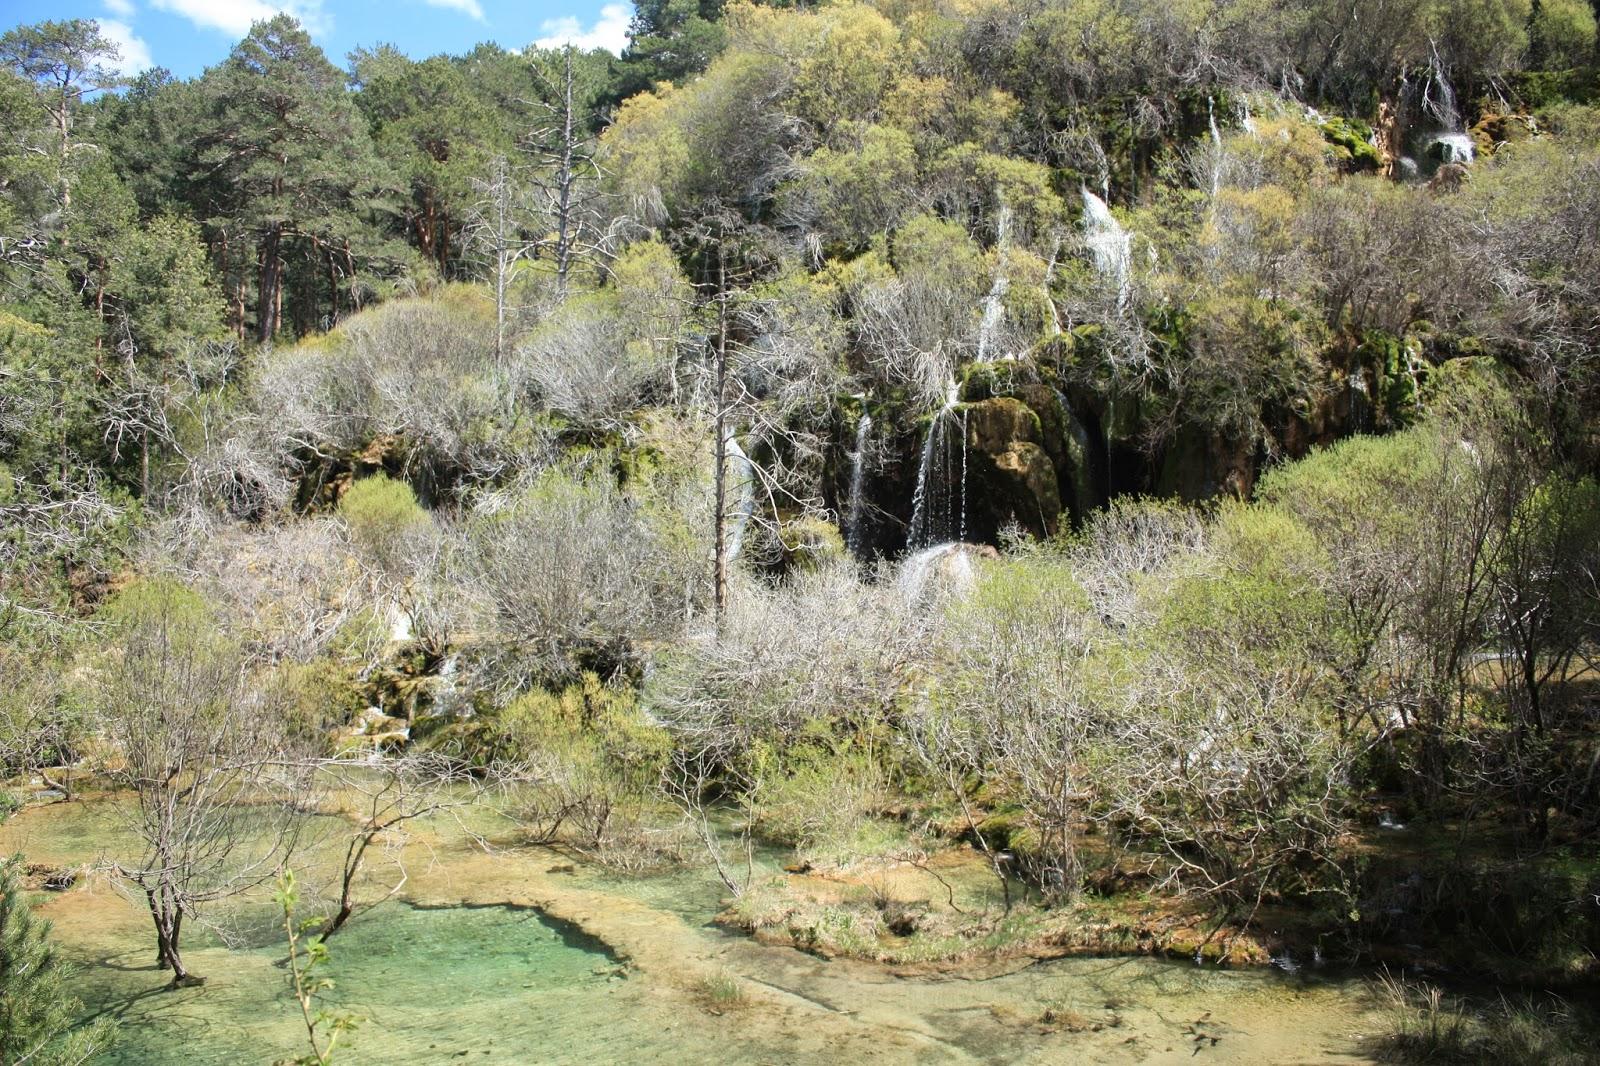 Nacimiento del Rio cuervo en cuenca que podemos ver